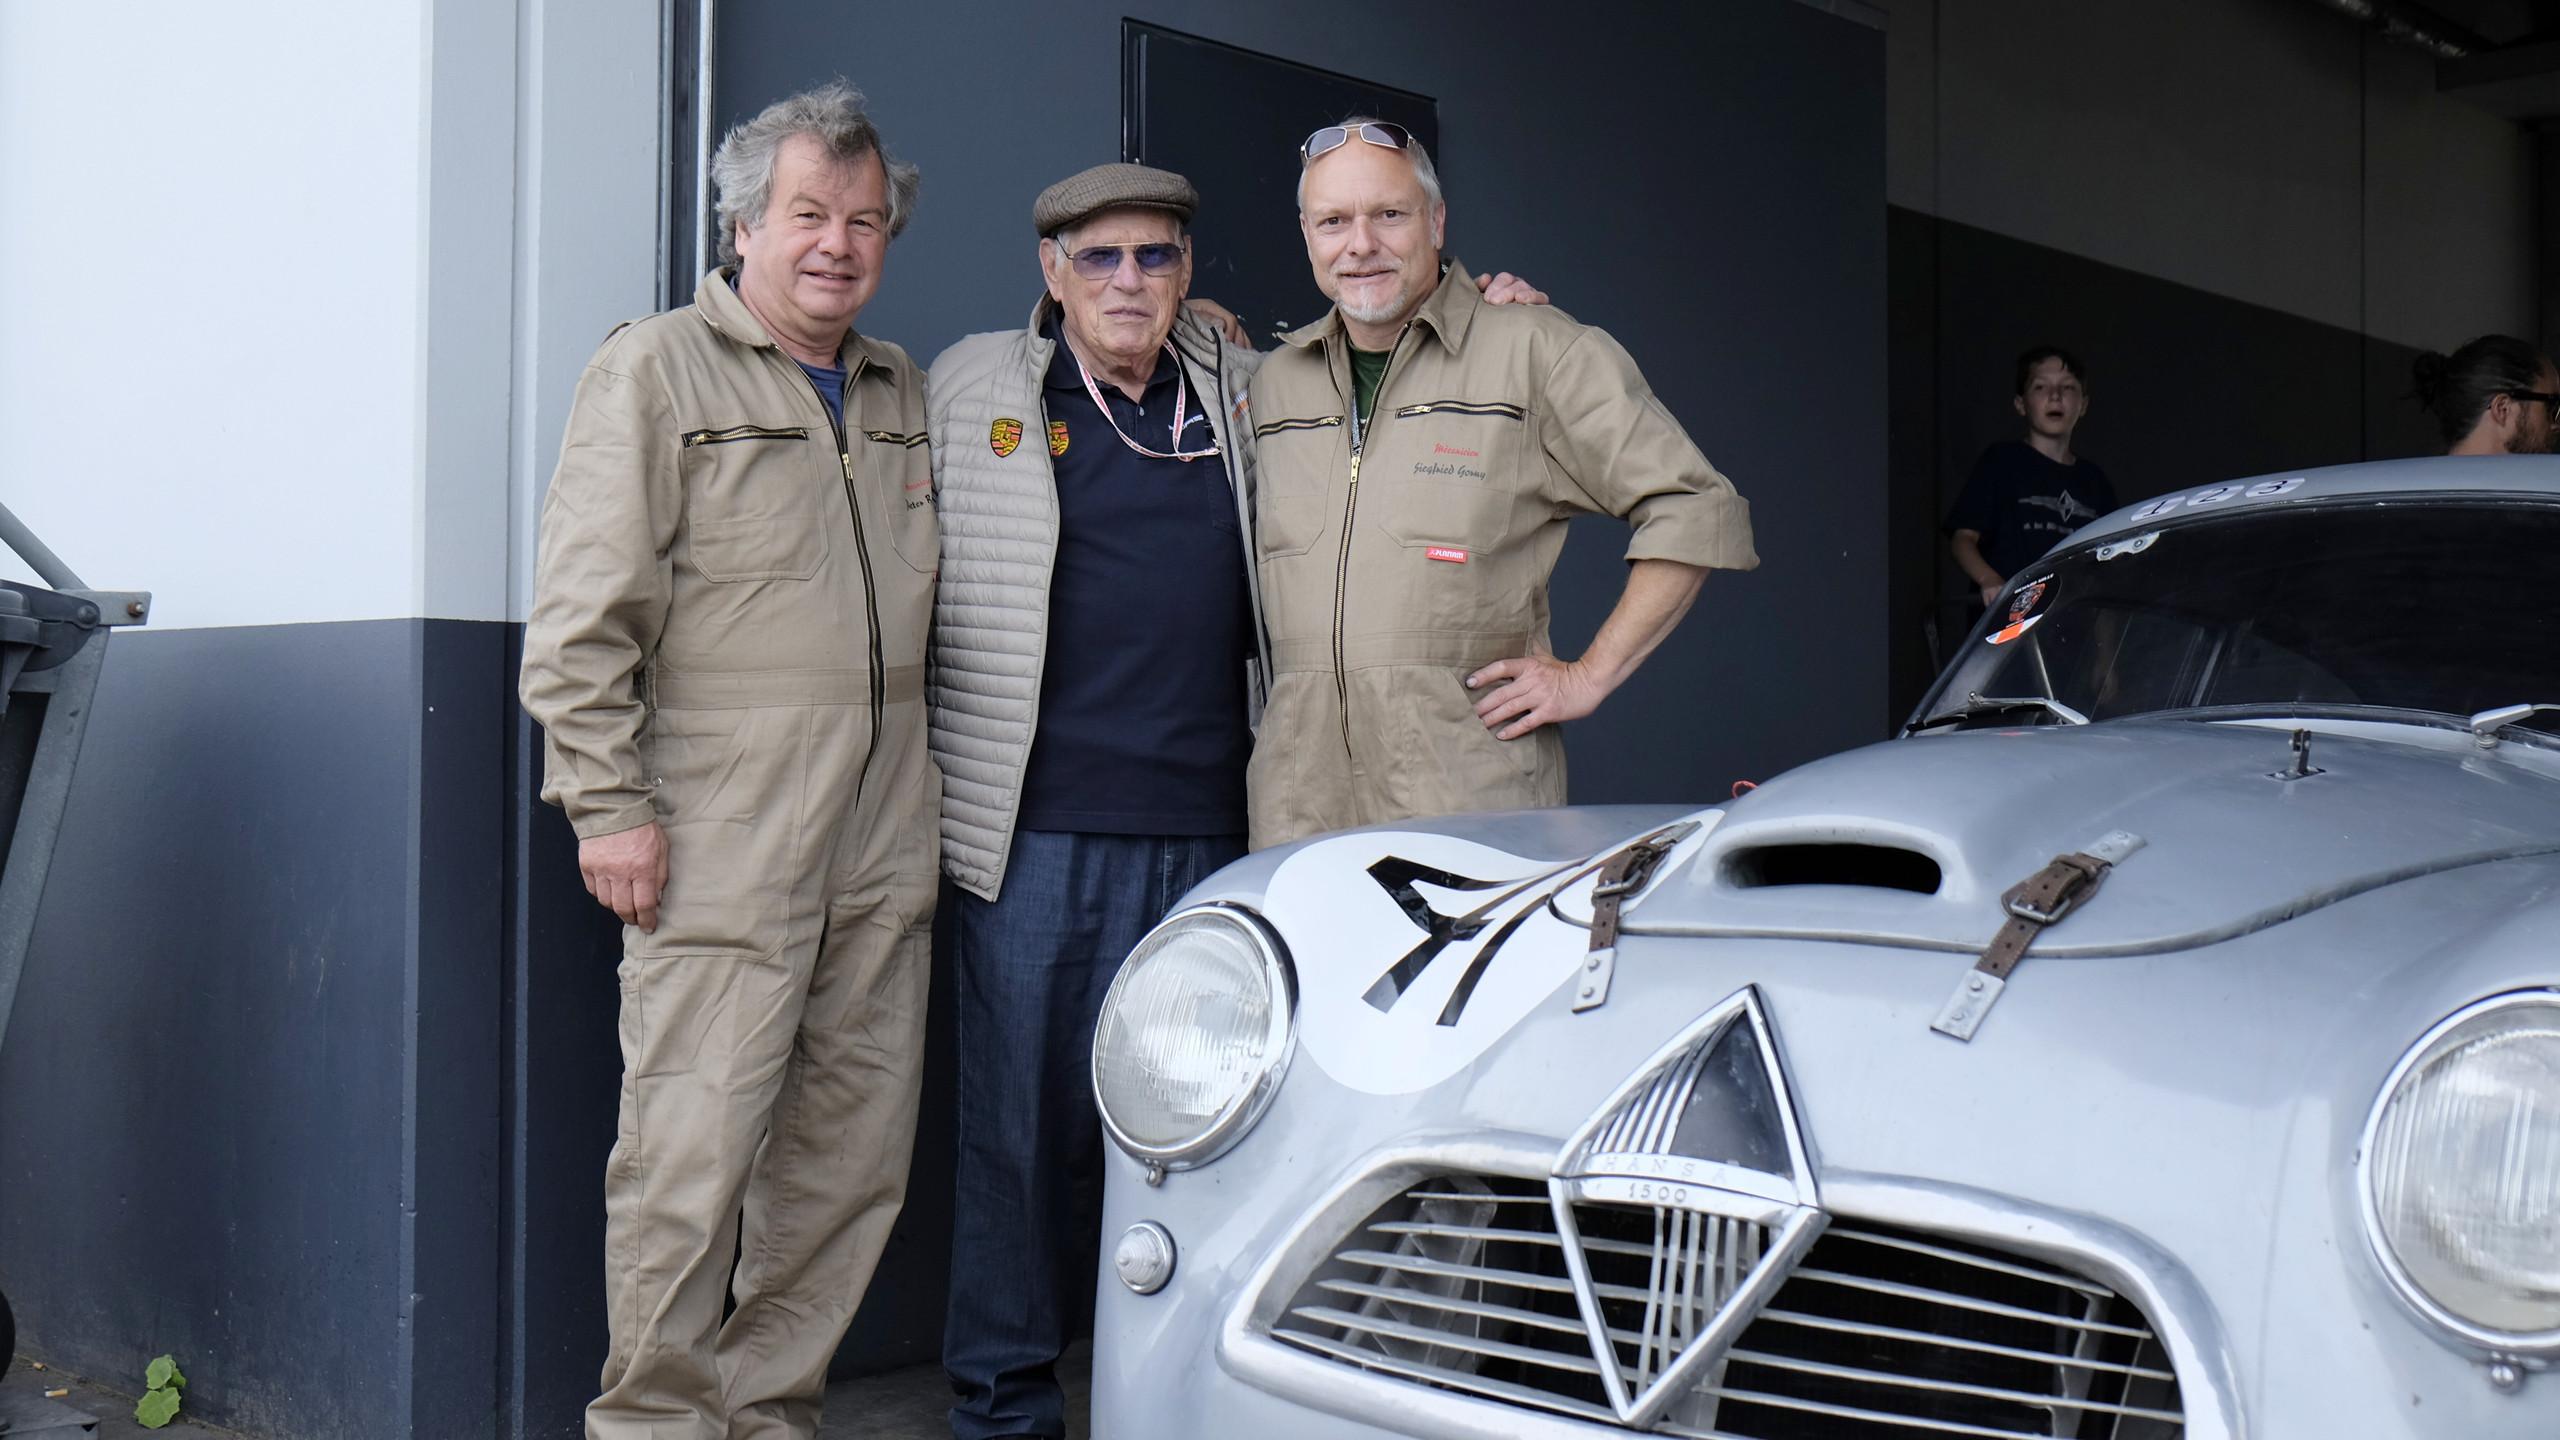 Rennlegende Herbert Linge, Le Mans Gewinner von 1960 im 356er Porsche und damaliger Konkurrent der Silberpfeile aus Bremen im Fachgespräch mit Lars-Eric Larrson und den Mechanikern